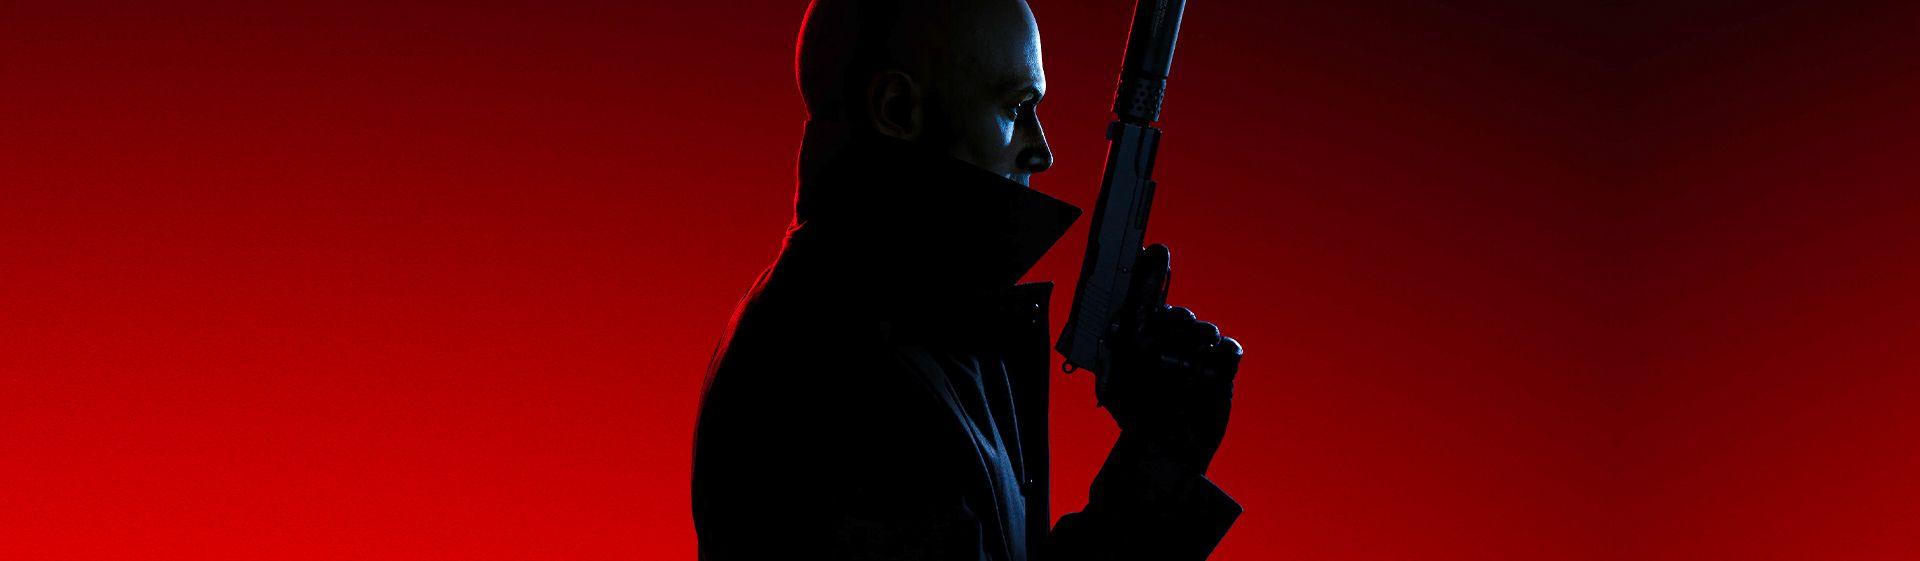 Hitman 3: veja requisitos, gameplay, enredo e lançamento do jogo